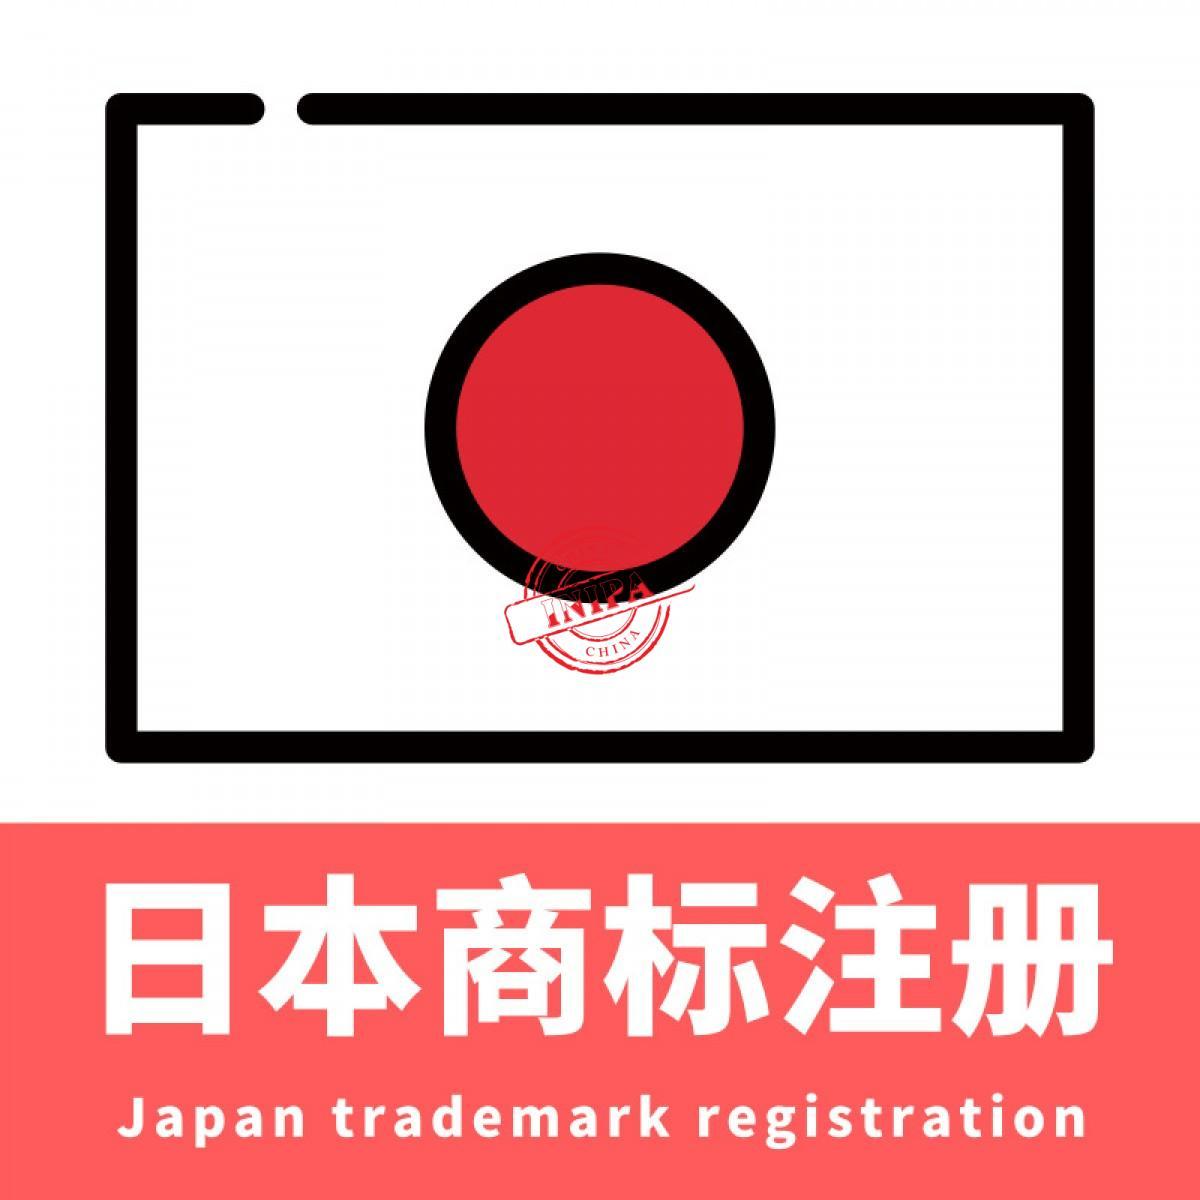 日本商标注册/Japan trademark registration